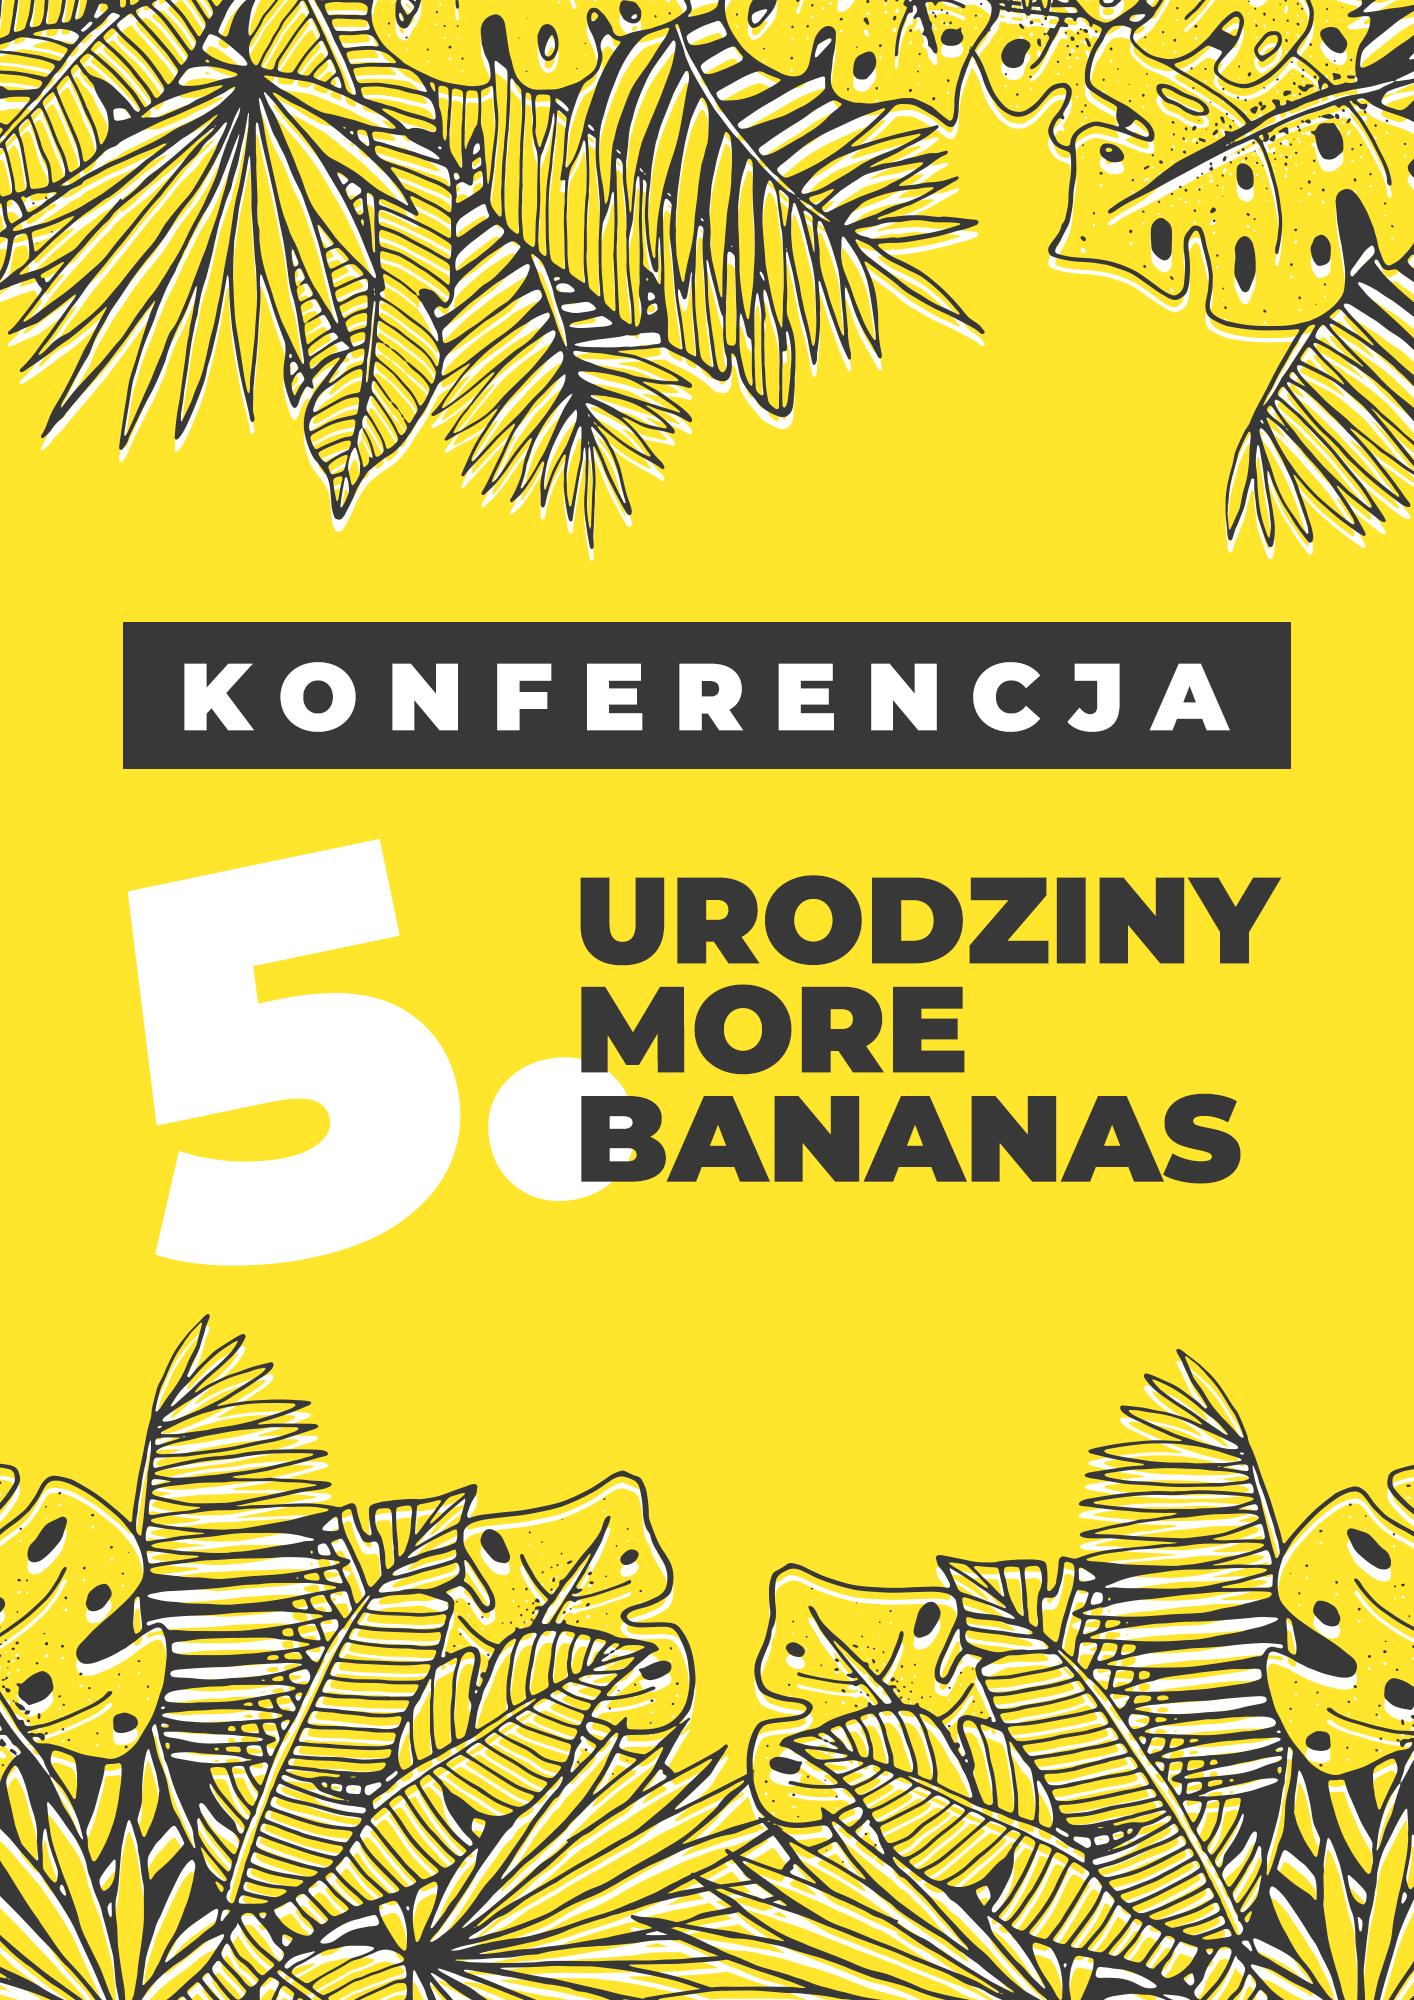 5. urodziny More Bananas Konferencja marketingowa online 28 maja 2021